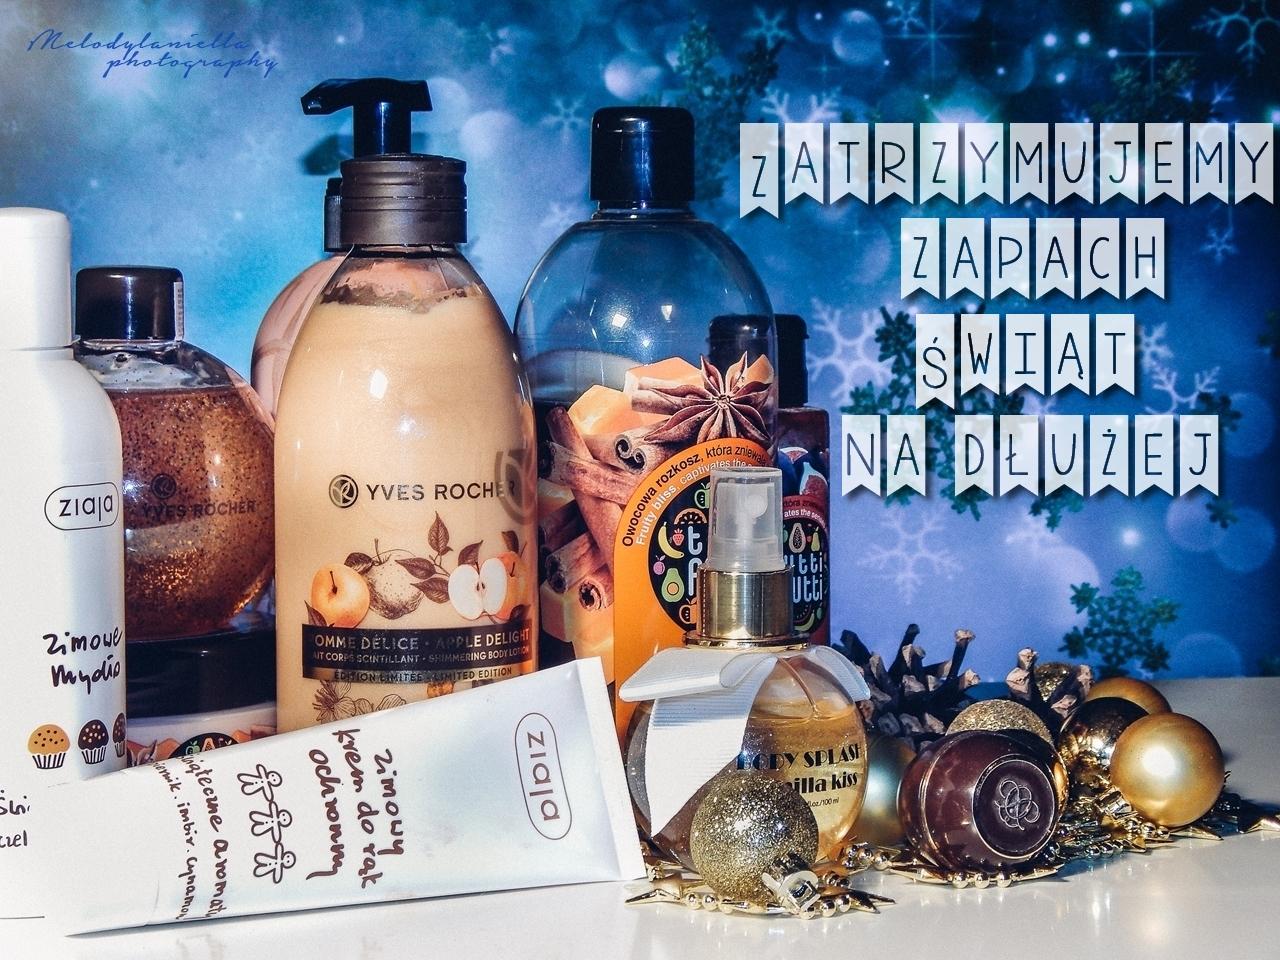 1 naglowek zimowe kosmetyki zapach zimy swiat christmas zel pod prysznic do kapieli krem mleczko yves rocher oriflame czekolada pomarancza cynamon imbir mydlo cialo makijaz